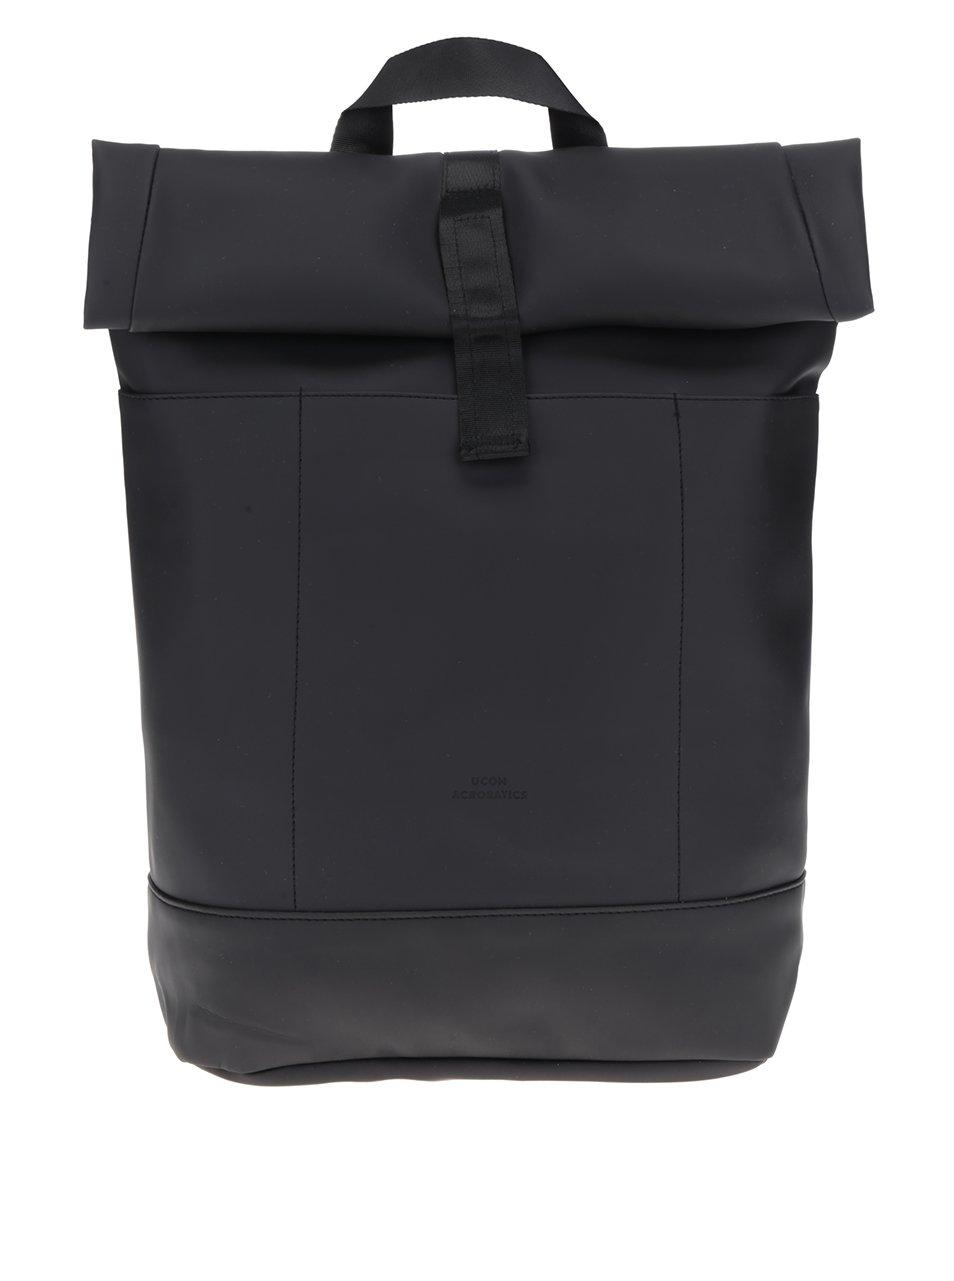 Černý voděodolný unisex batoh Haleigh Ucon 20 l